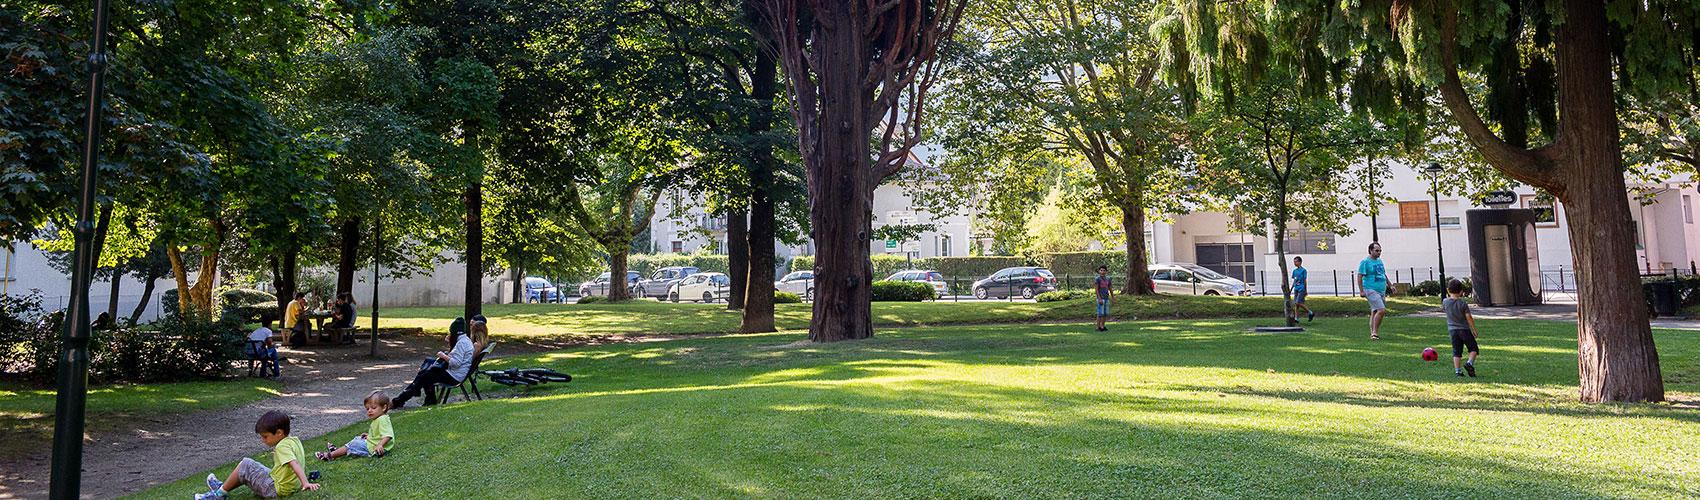 Parcs et jardins ville d 39 albertville for Entreprise parc et jardin